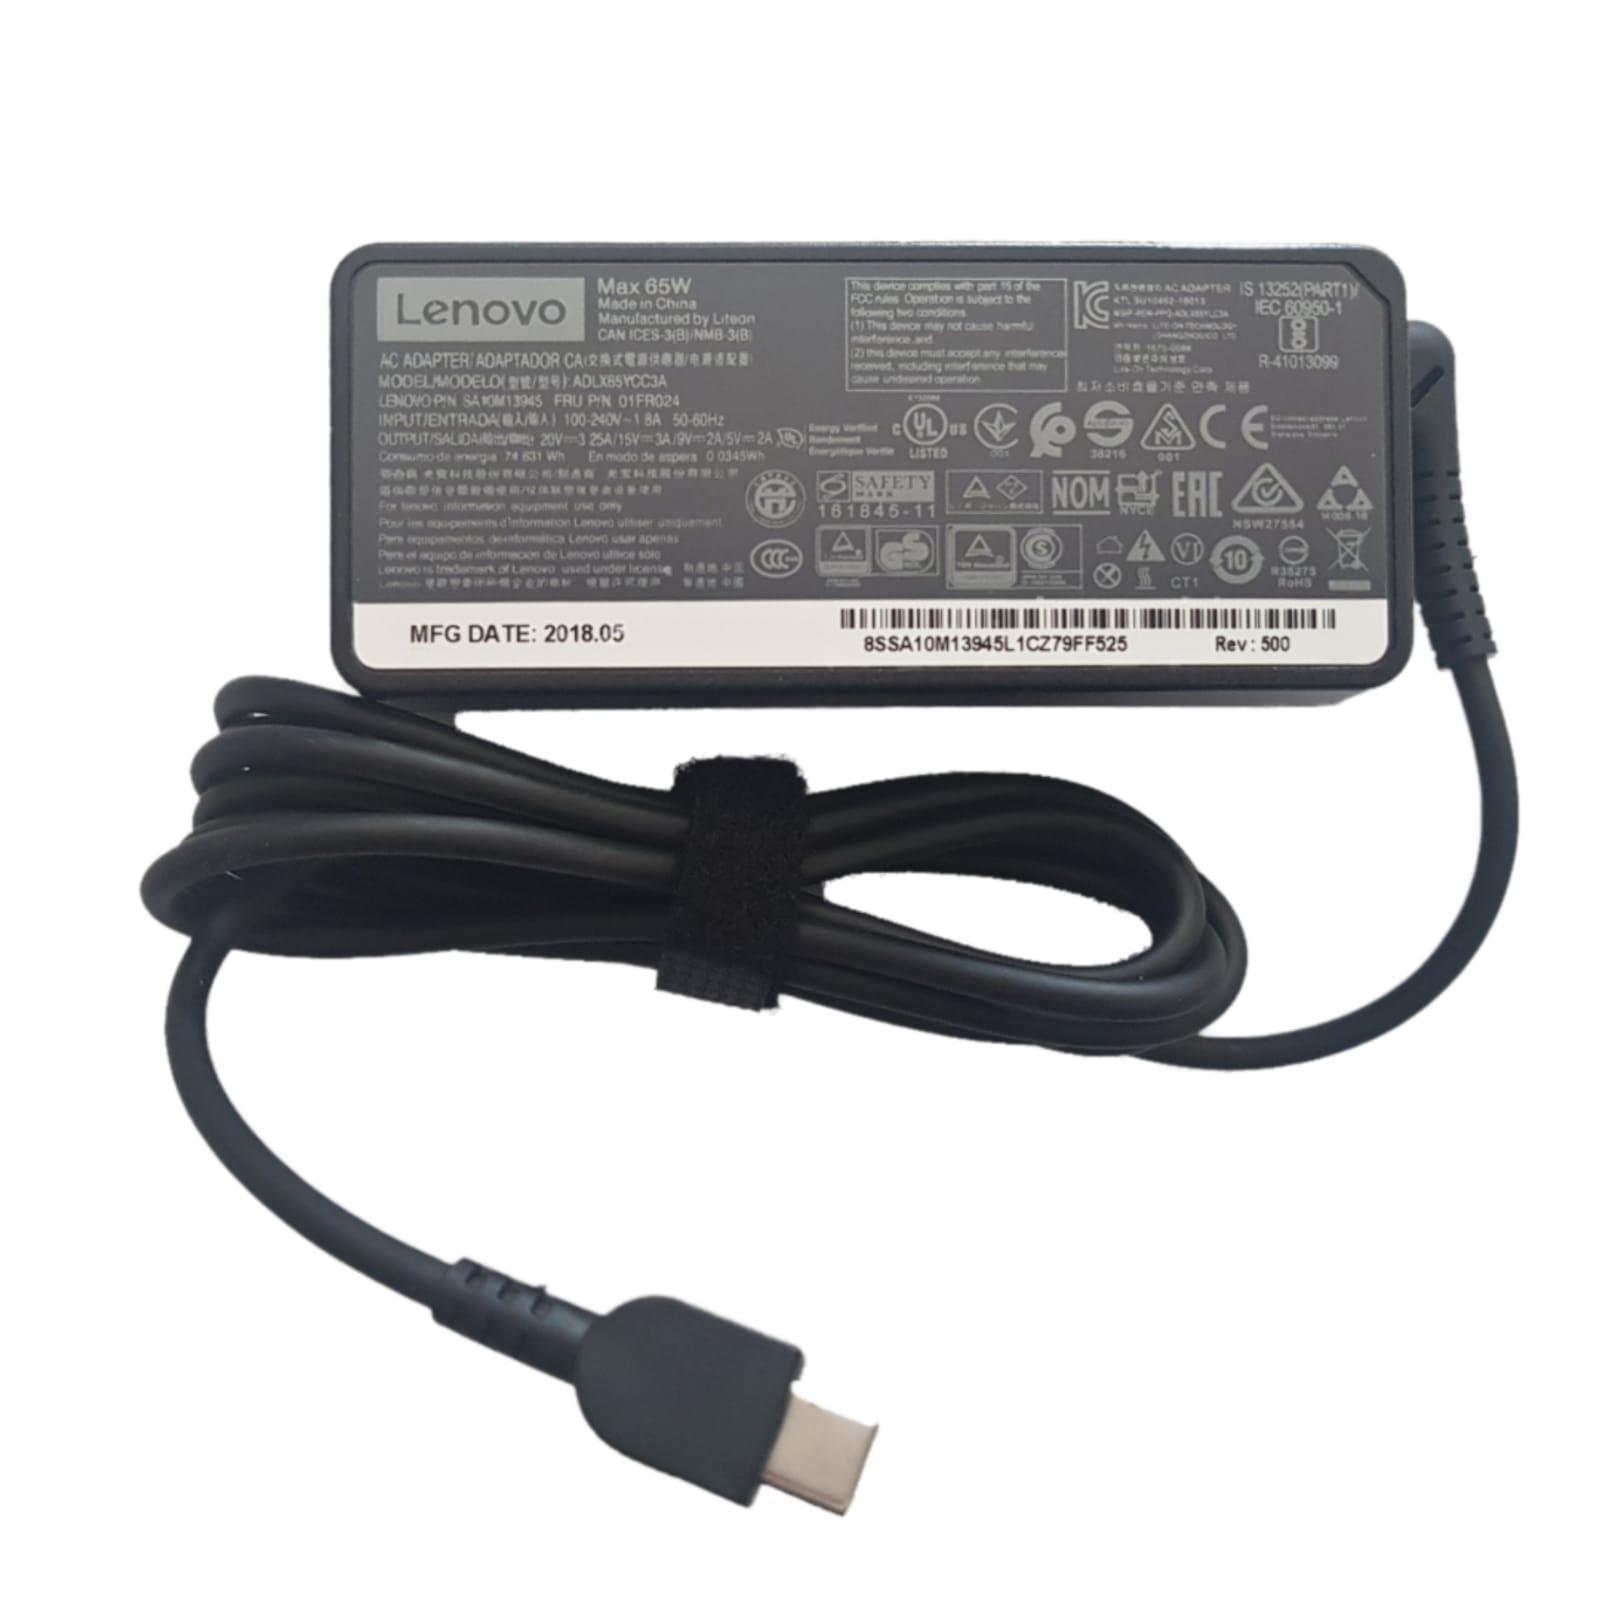 מטען למחשב נייד לנובו Lenovo ThinkPad X280